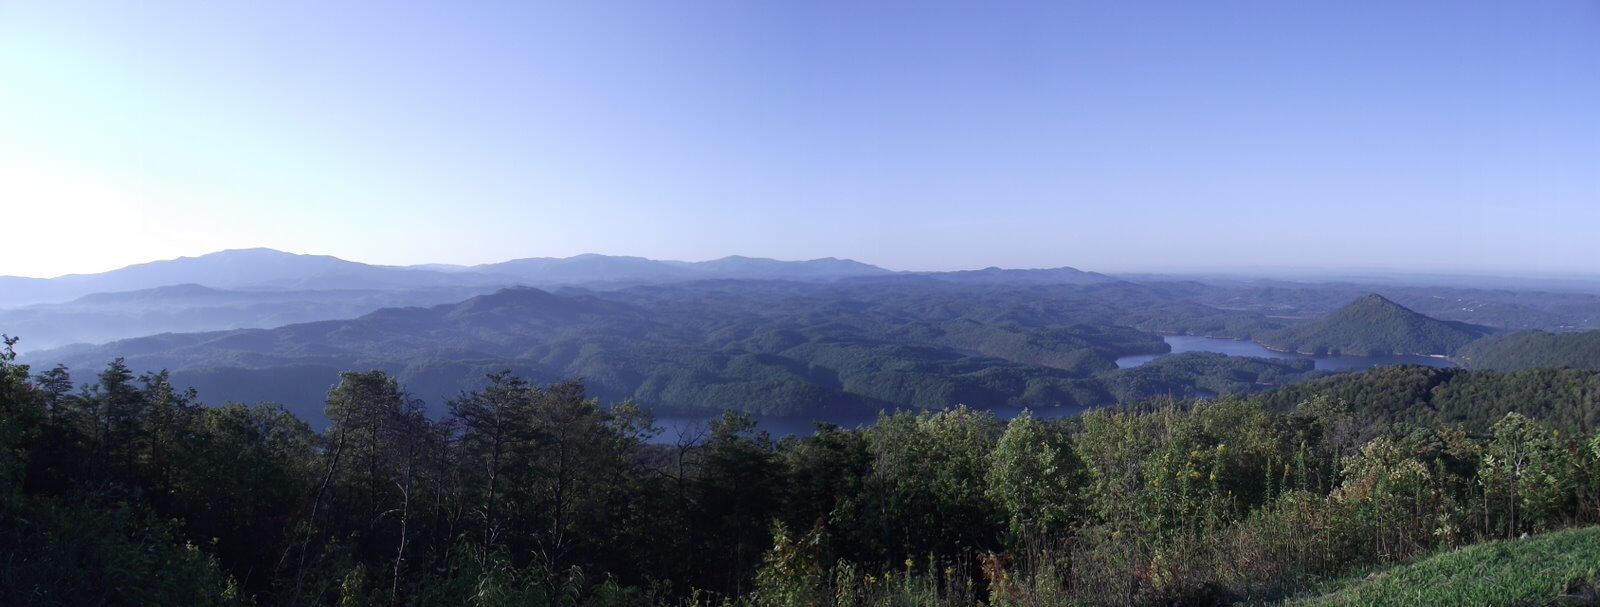 chilhowee mountain overlook recreation area